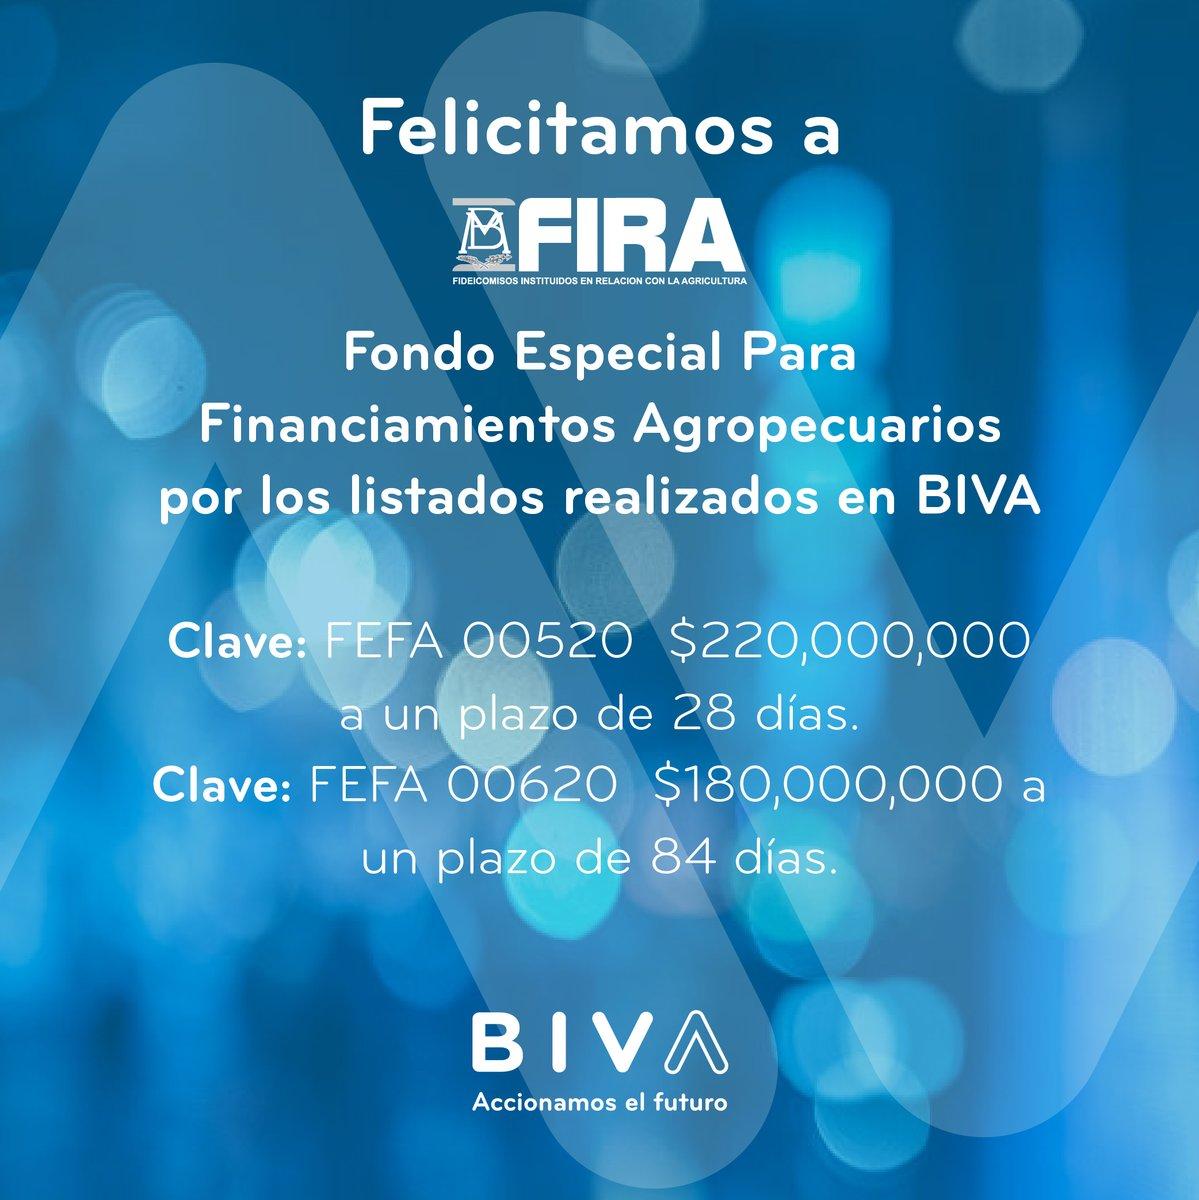 Felicitamos a @FIRA_Mexico y al Fondo Especial para Financiamientos Agropecuarios, parte de la #FamiliaBIVA, por las emisiones realizadas en @BIVAMX.